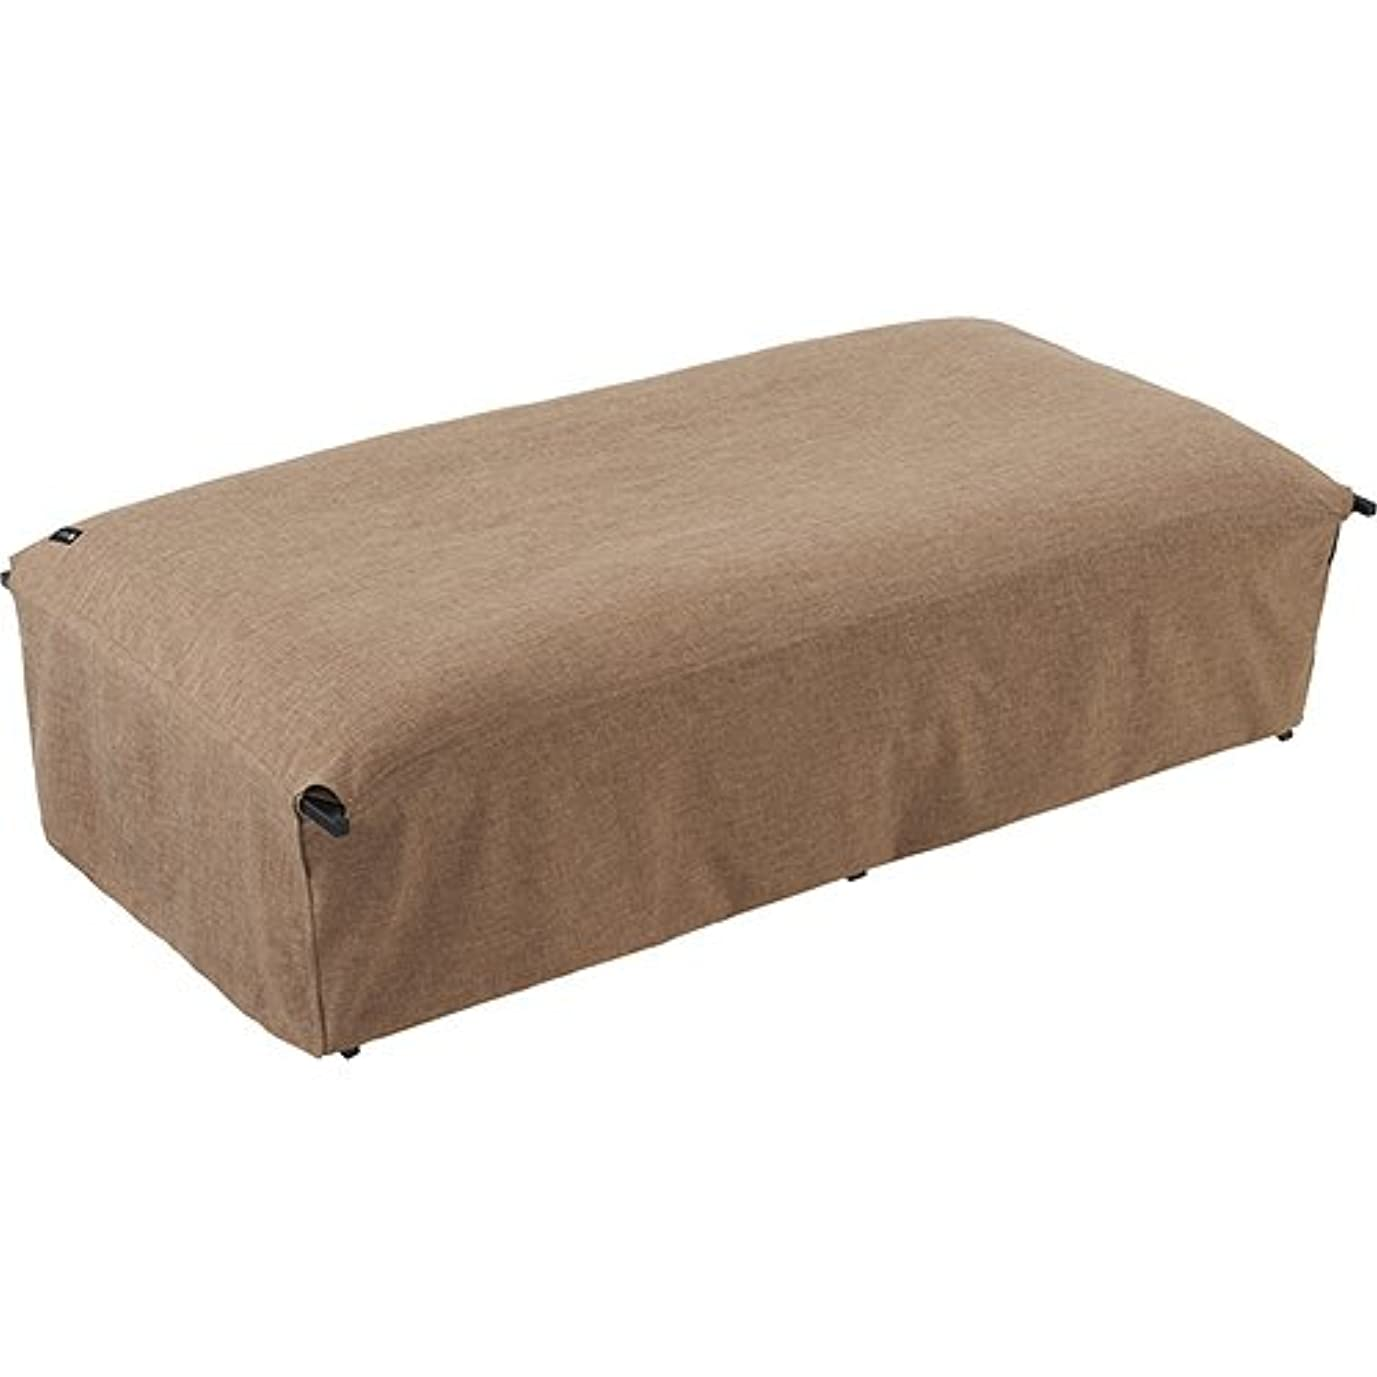 輪郭有効化出来事[ロゴス] キャンプ グランベーシック Bed Style ベッドスタイル BIG ベッド カバー 73200036